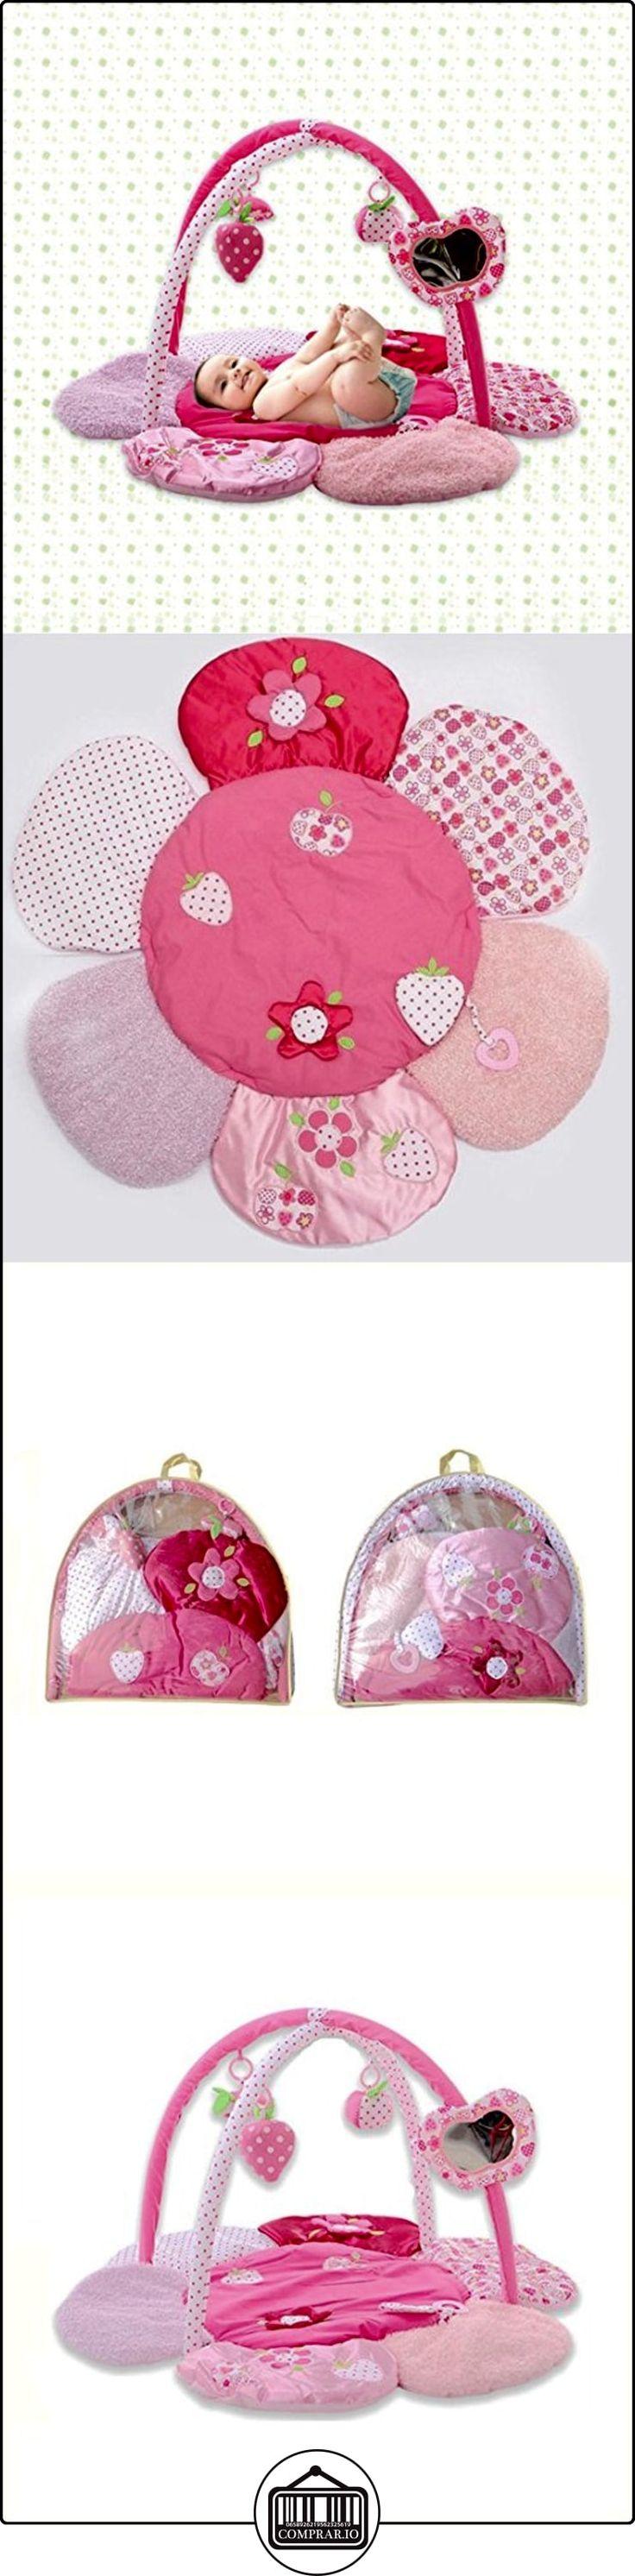 """'szsy Manta """"ZOO Animales con arco Centro de juegos sonidos y música rosa rosa  ✿ Regalos para recién nacidos - Bebes ✿ ▬► Ver oferta: http://comprar.io/goto/B01HMUQ2WA"""